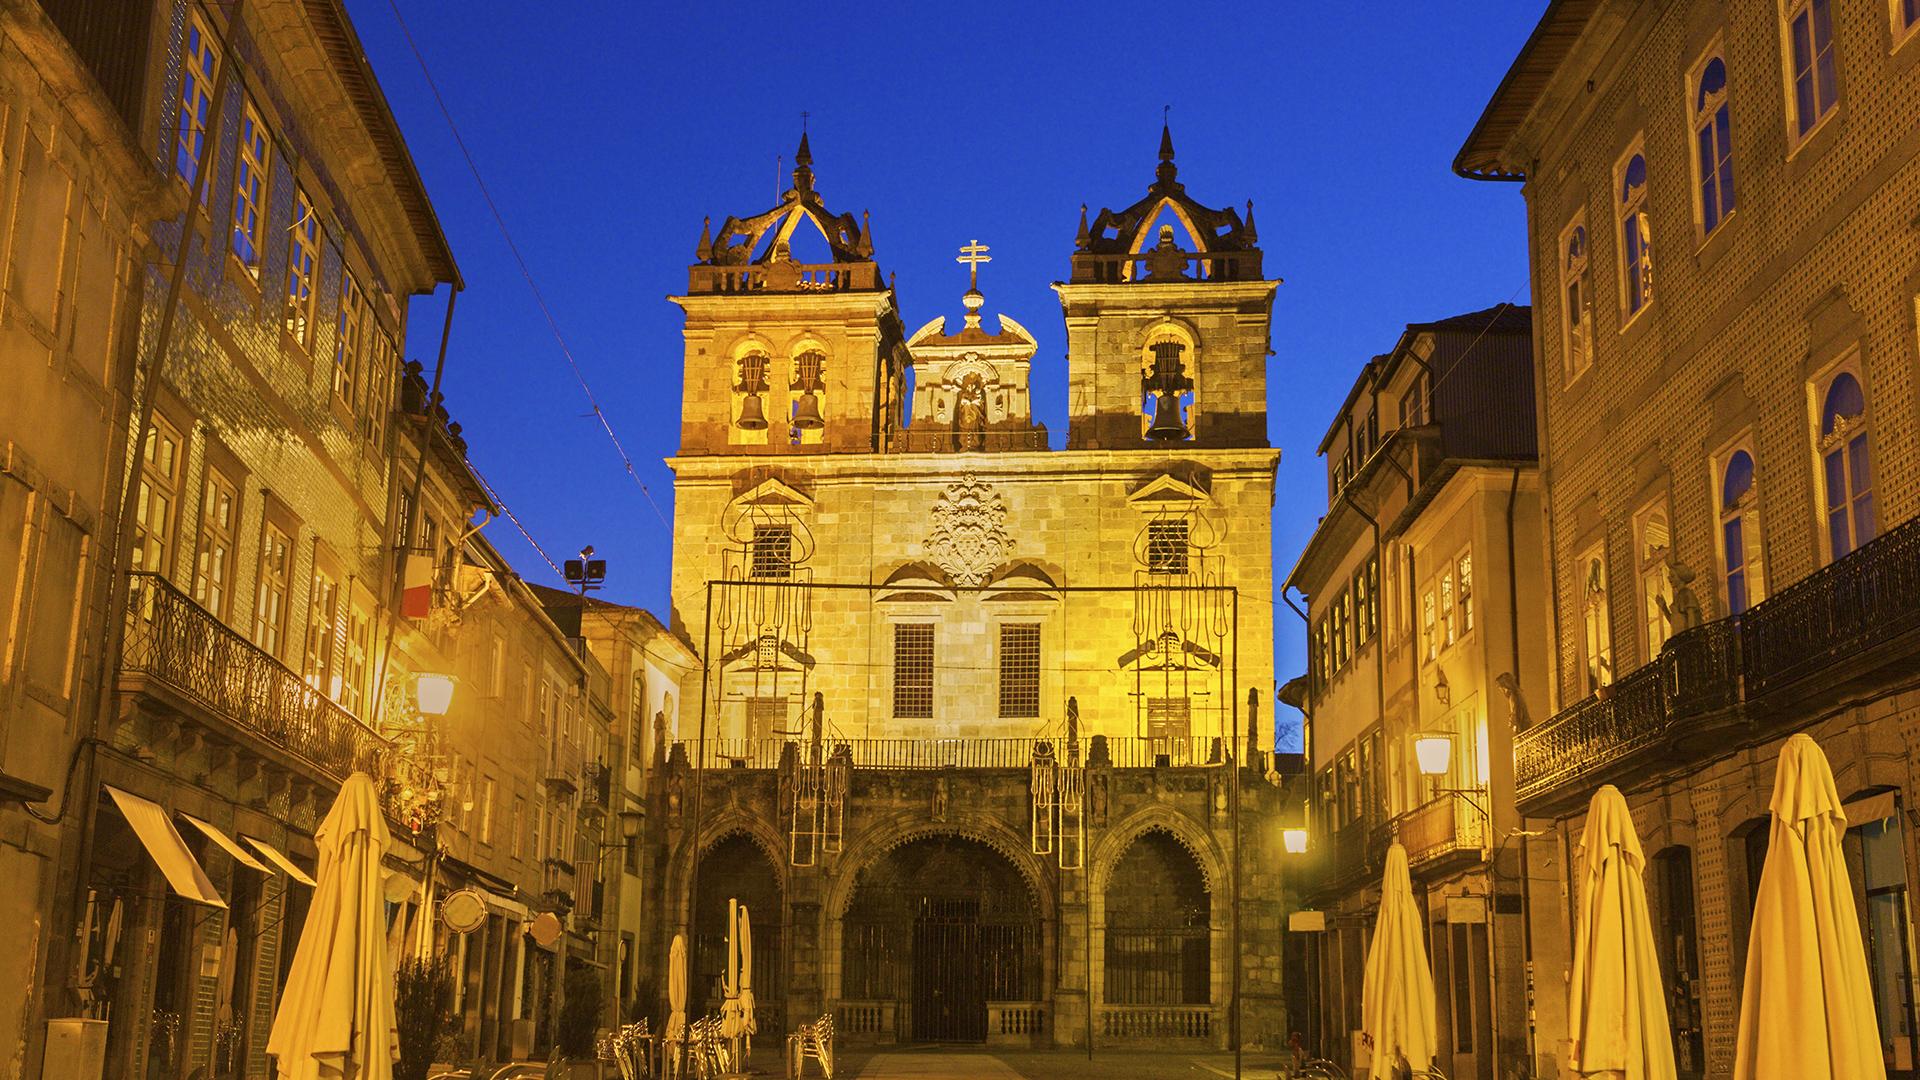 Braga / Guimarães